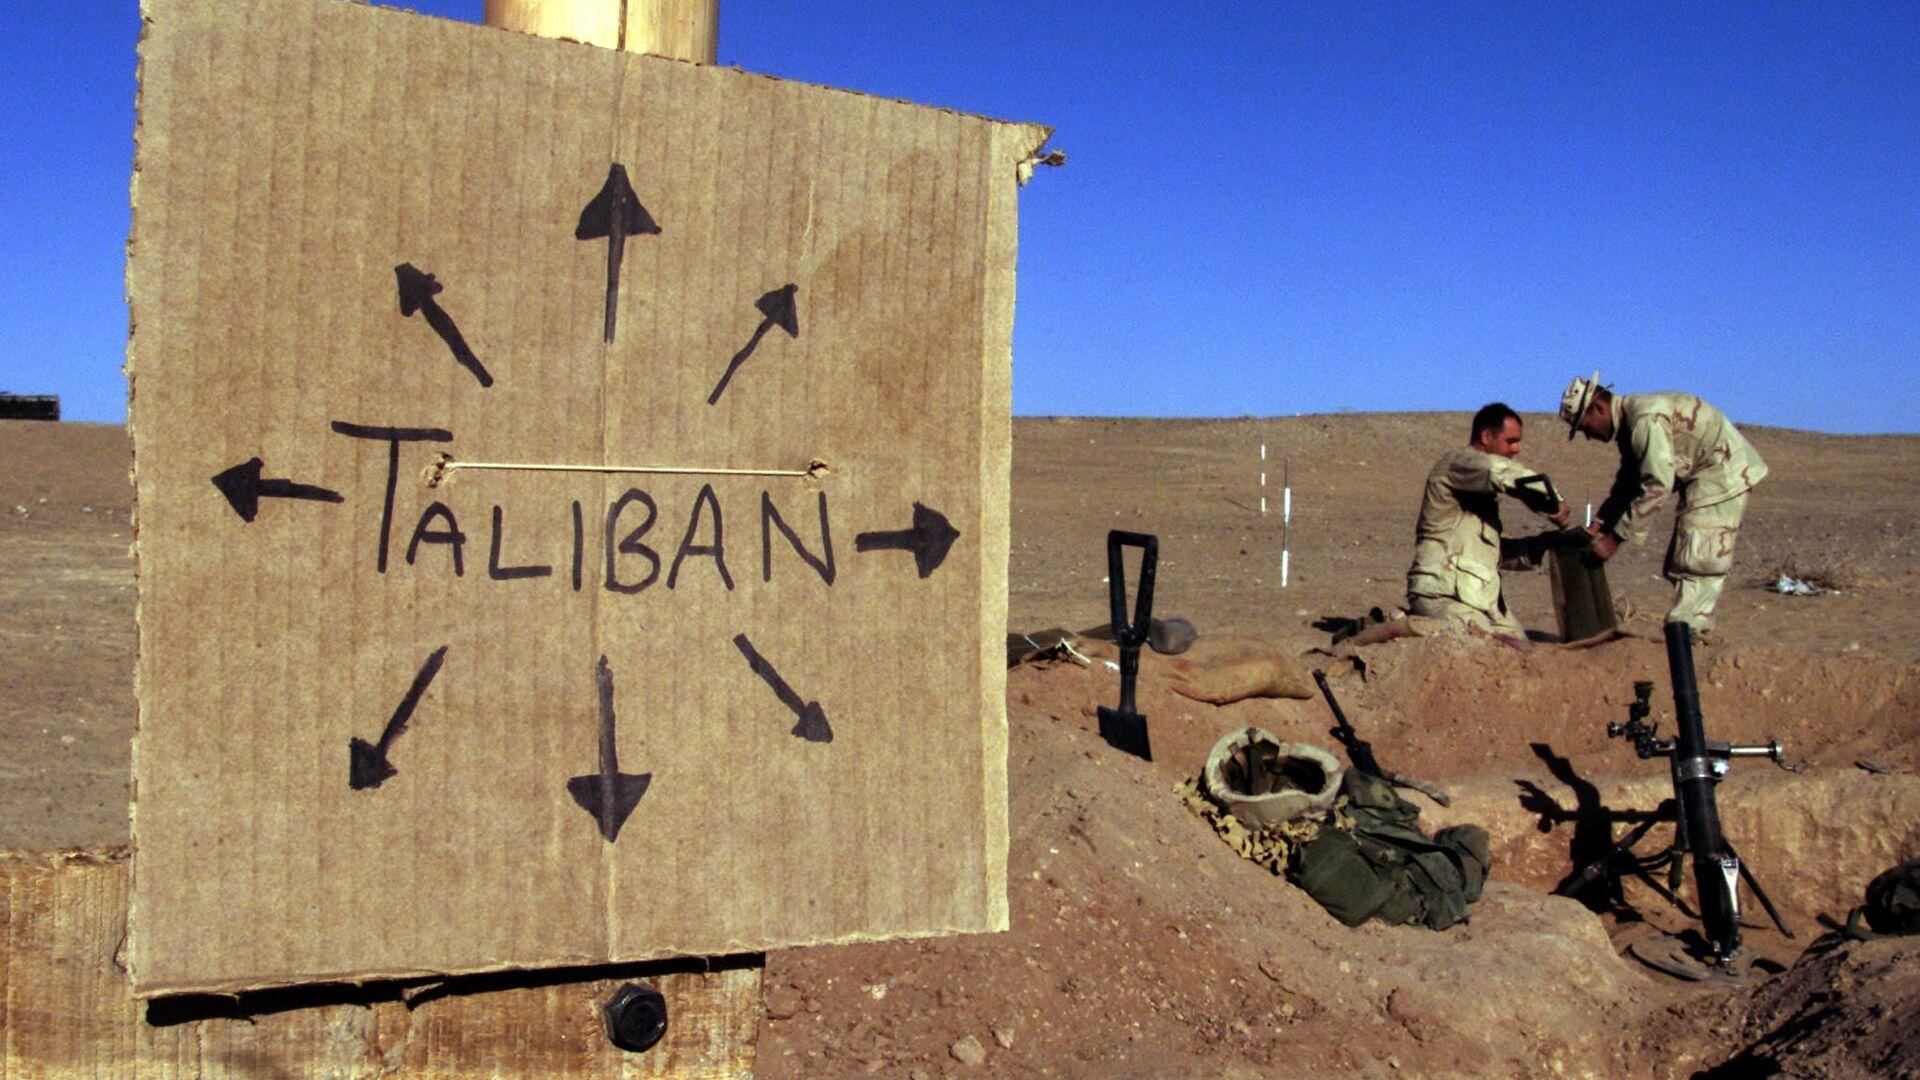 Una cartel Talibán en Afganistán (imagen referencial) - Sputnik Mundo, 1920, 20.04.2021